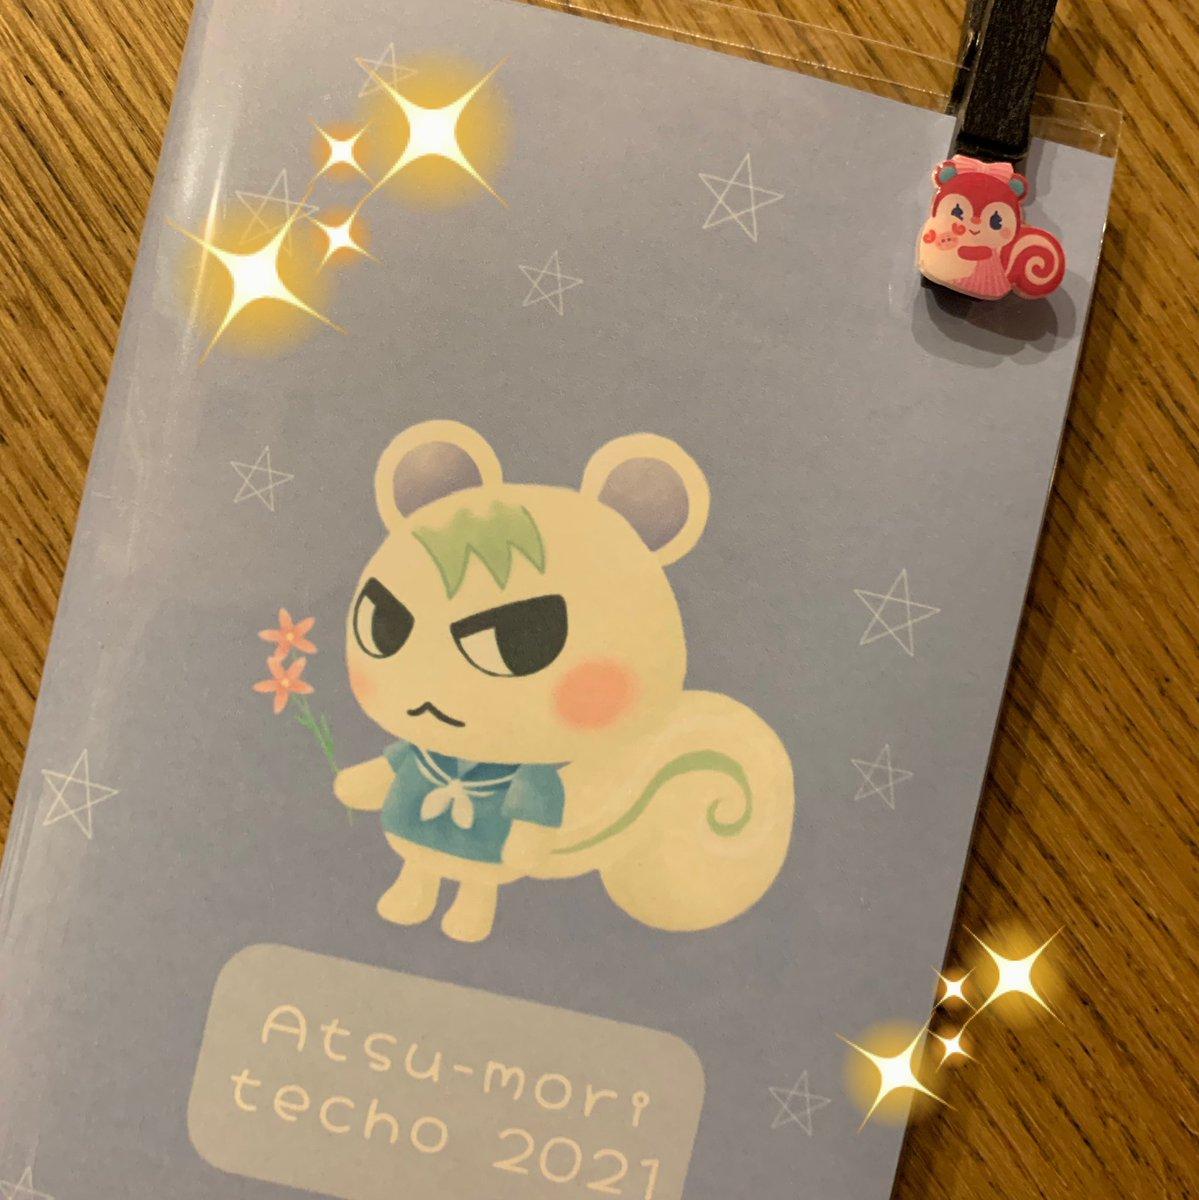 test ツイッターメディア - 黄菜子さん(@kinaco_oo )から、ステキなプレゼントが届きました(*´∀`)❤大好きなグミちゃんのクリップと、葉っぱのマグネット🥰早速、コード束ねたり、あつ森手帳に留めたり使わせてもらってます😍🙏可愛い~🤤✨本当にありがとうございました🥺✨大切にします☺️ https://t.co/SigpNa4XXb